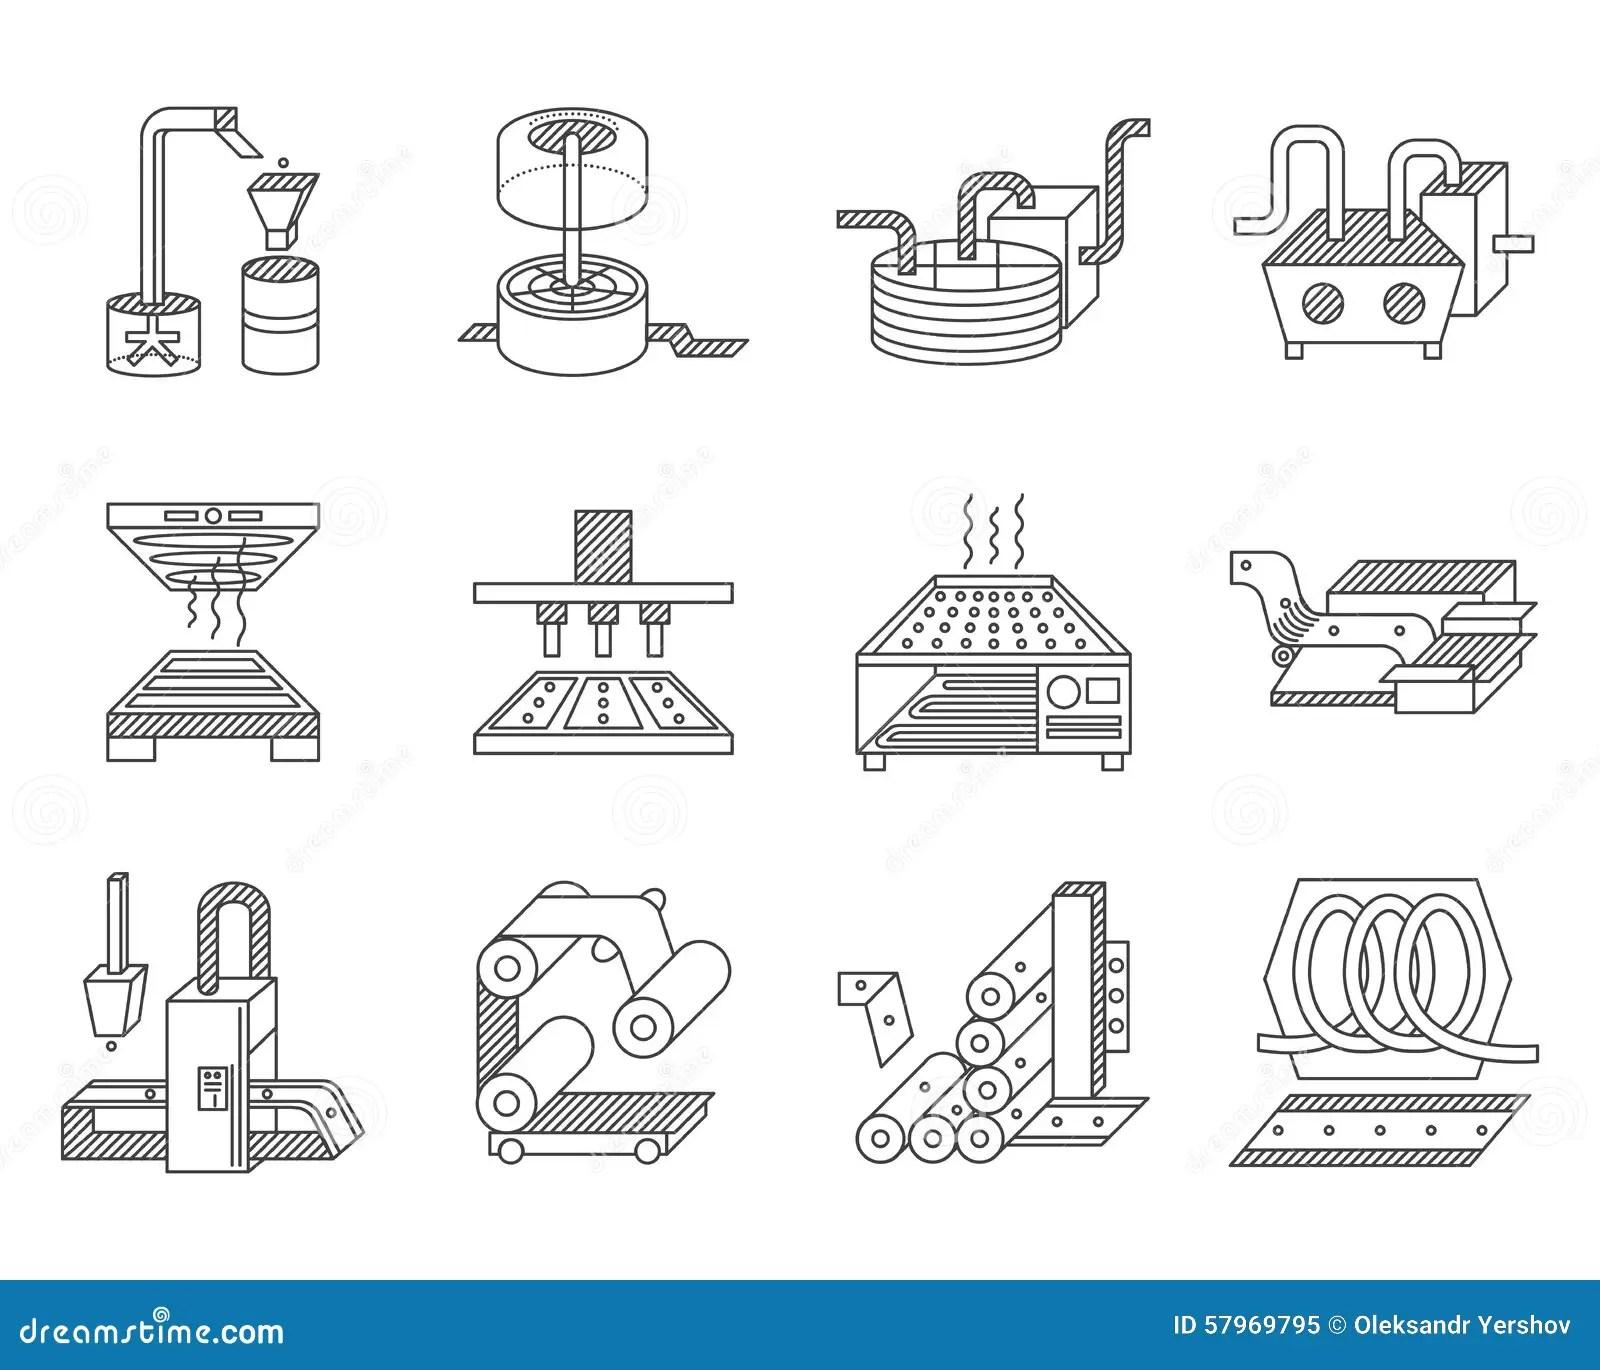 Icones Para A Industria De Transformacao Alimentar